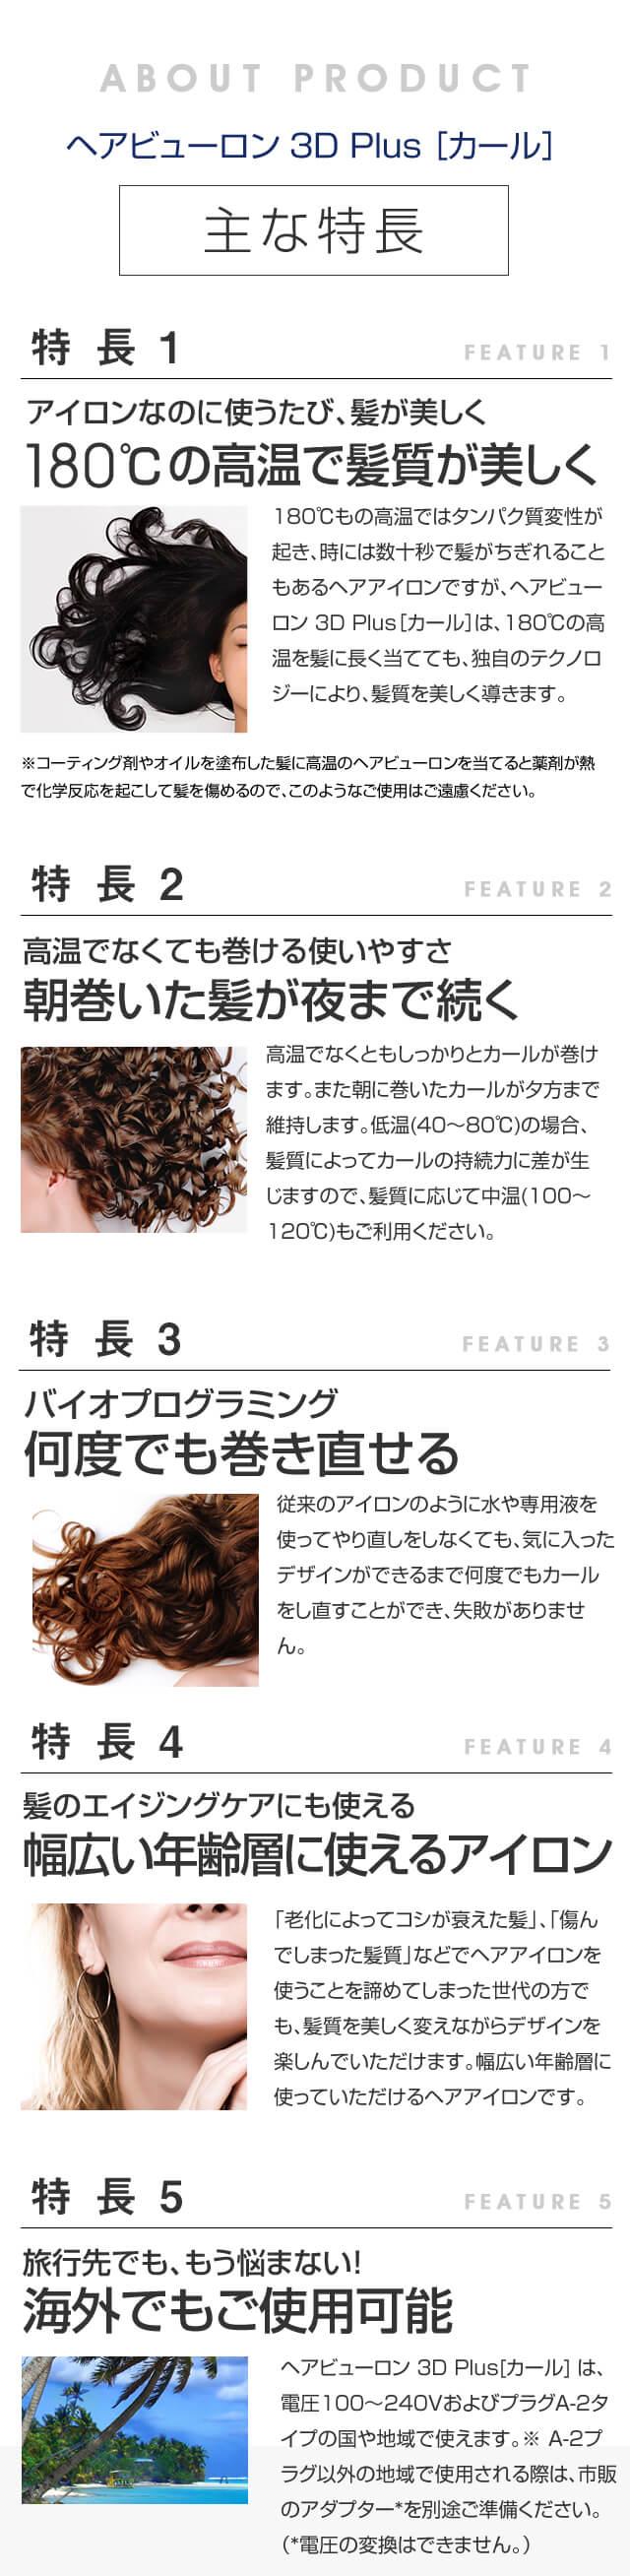 ヘアビューロン [カール]使うほど髪が美しくなる驚きのヘアアイロン